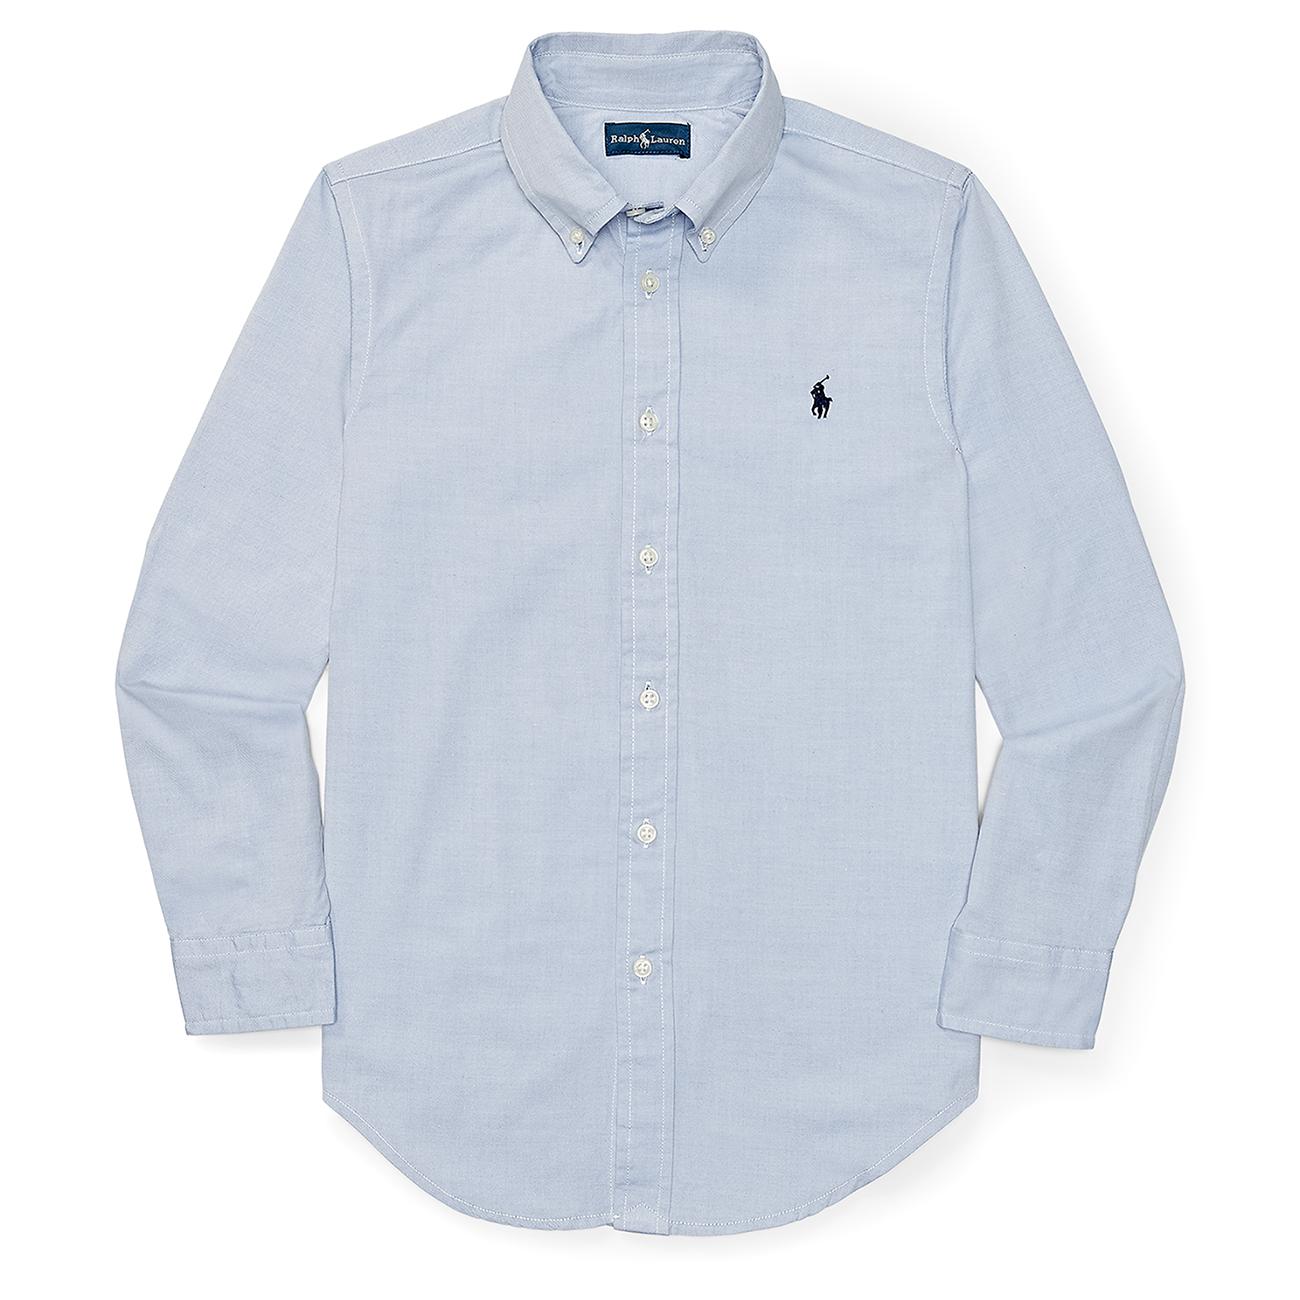 9460be50 Polo Ralph Lauren Boy Long Sleeved Blake Shirt BSR Blue